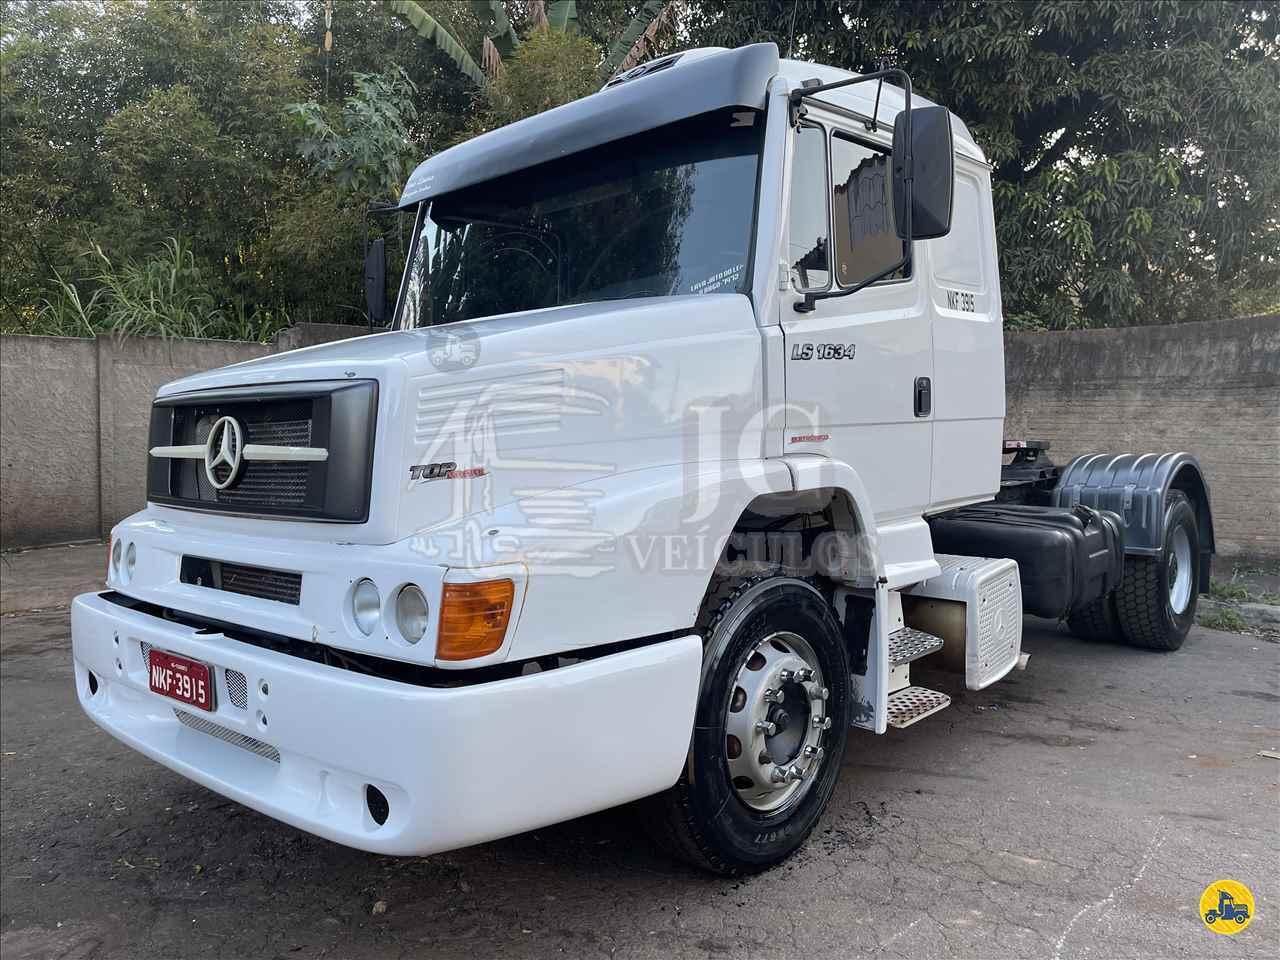 CAMINHAO MERCEDES-BENZ MB 1634 Cavalo Mecânico Toco 4x2 JG Veículos e Caminhões CONGONHAS MINAS GERAIS MG